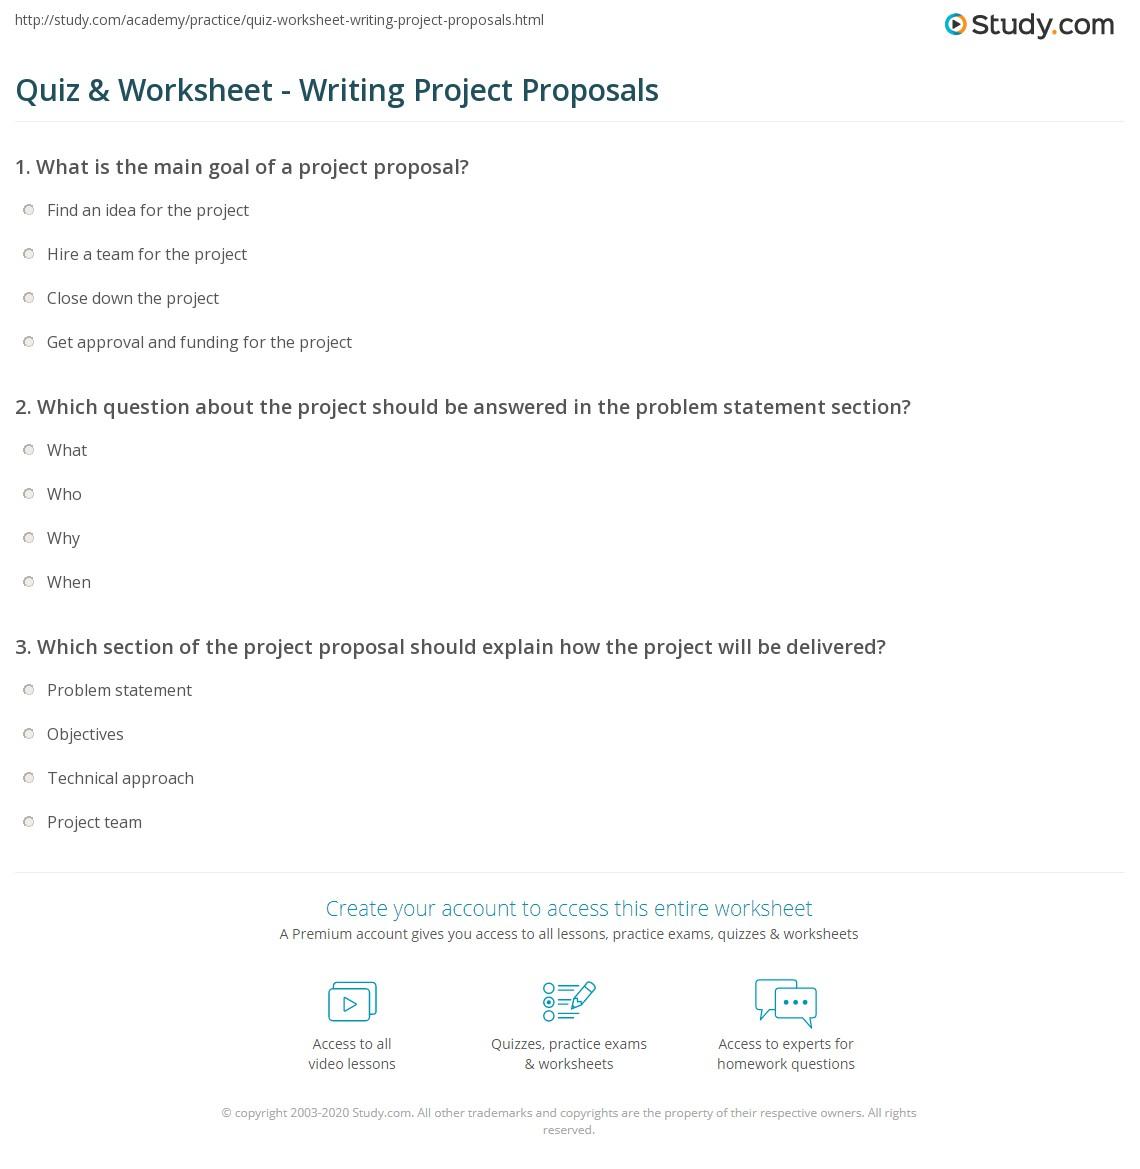 Quiz & Worksheet - Writing Project Proposals | Study.com